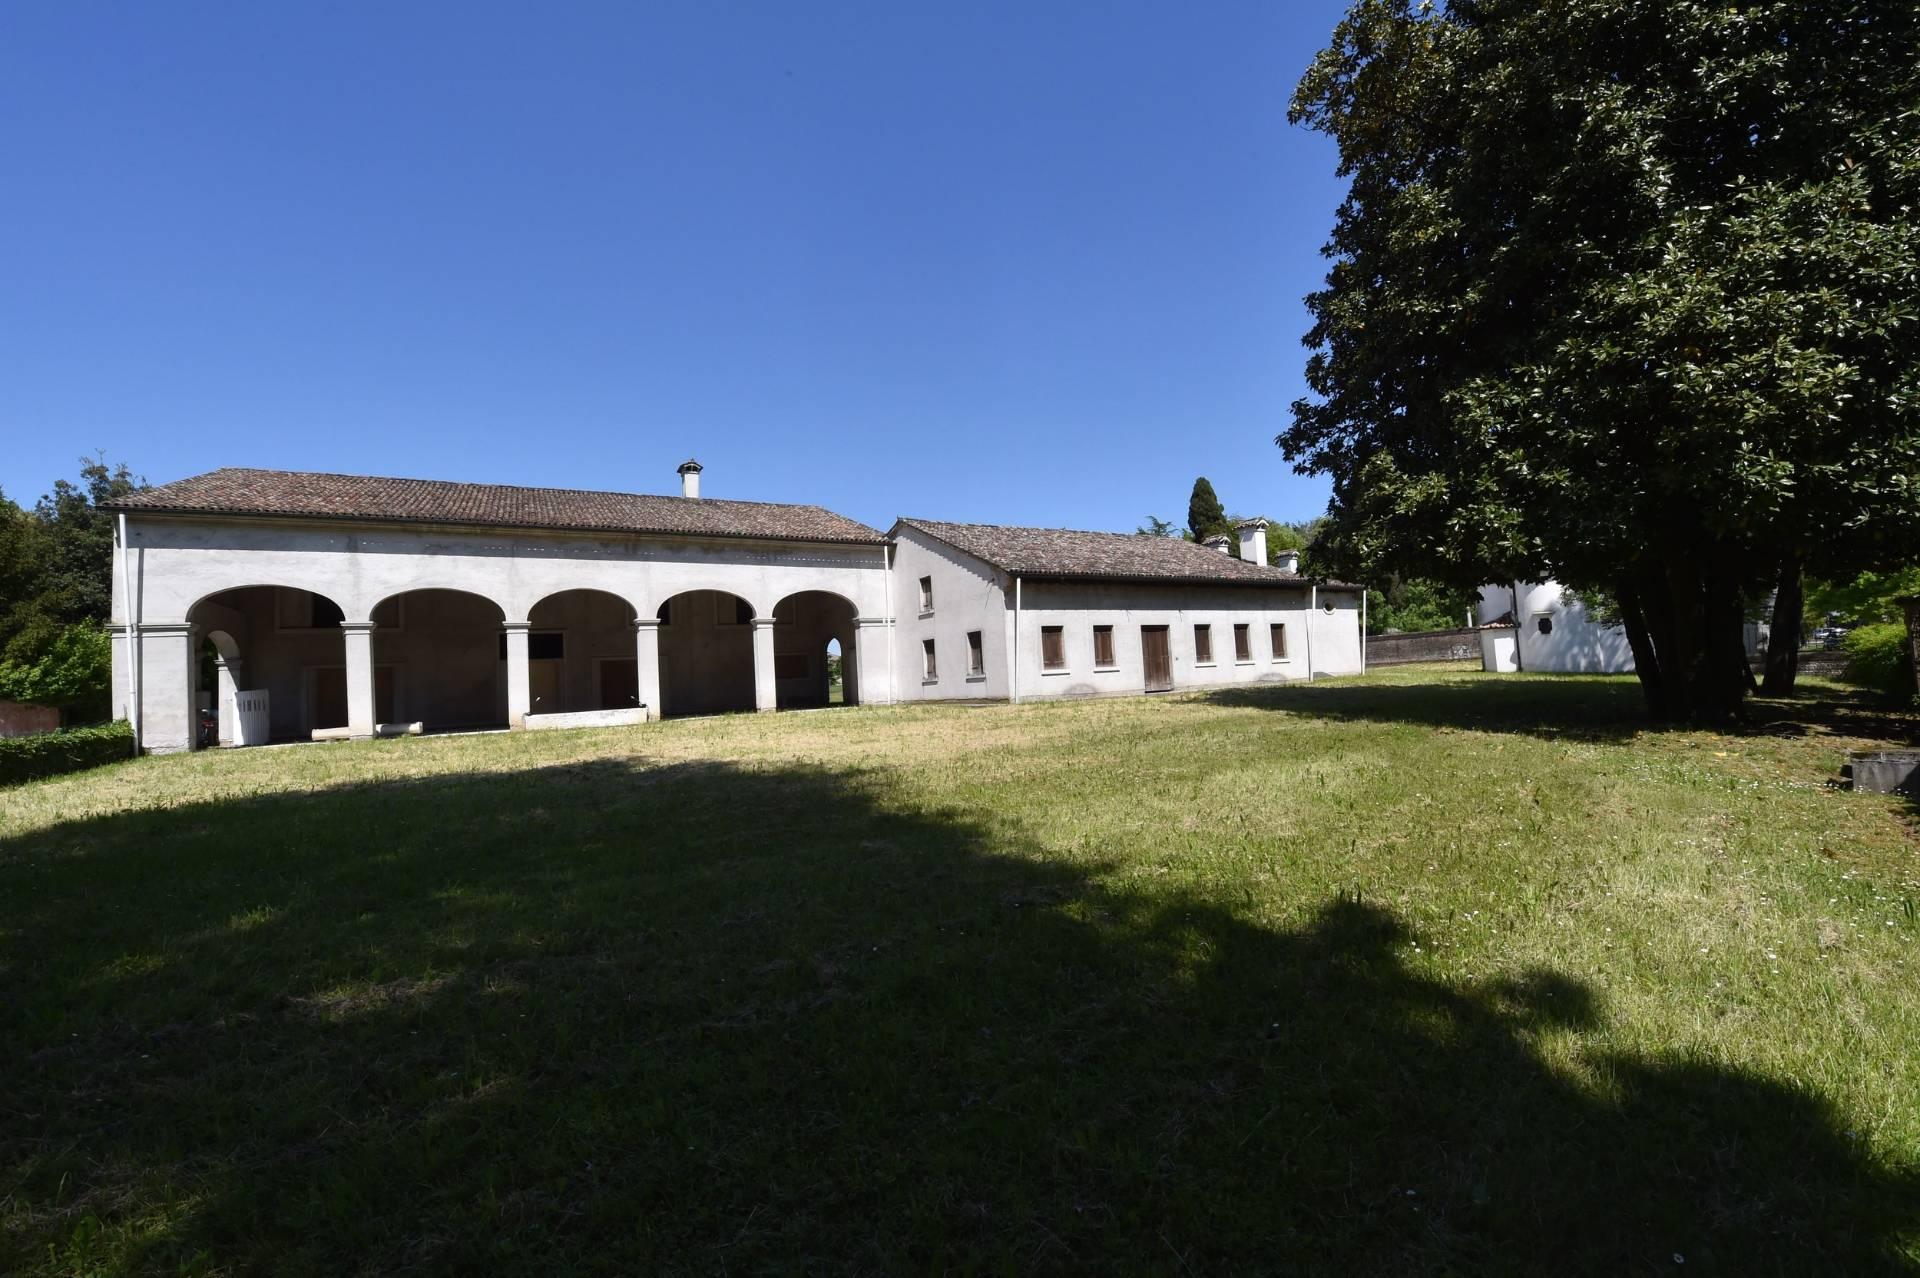 Rustico / Casale in vendita a Treviso, 31 locali, zona Località: Fiera, prezzo € 950.000 | Cambio Casa.it